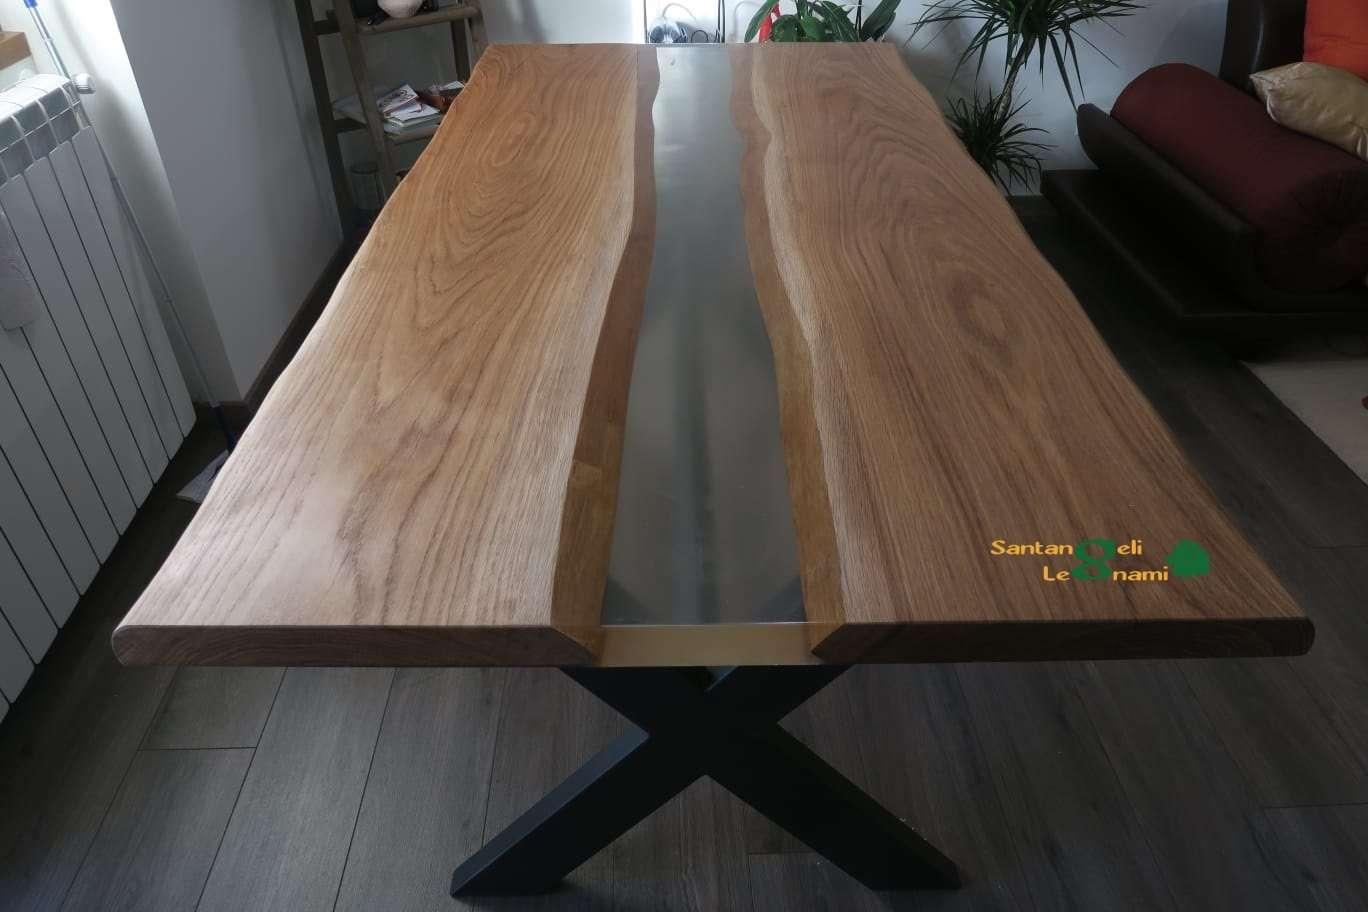 tavolo in legno in resina epossidica